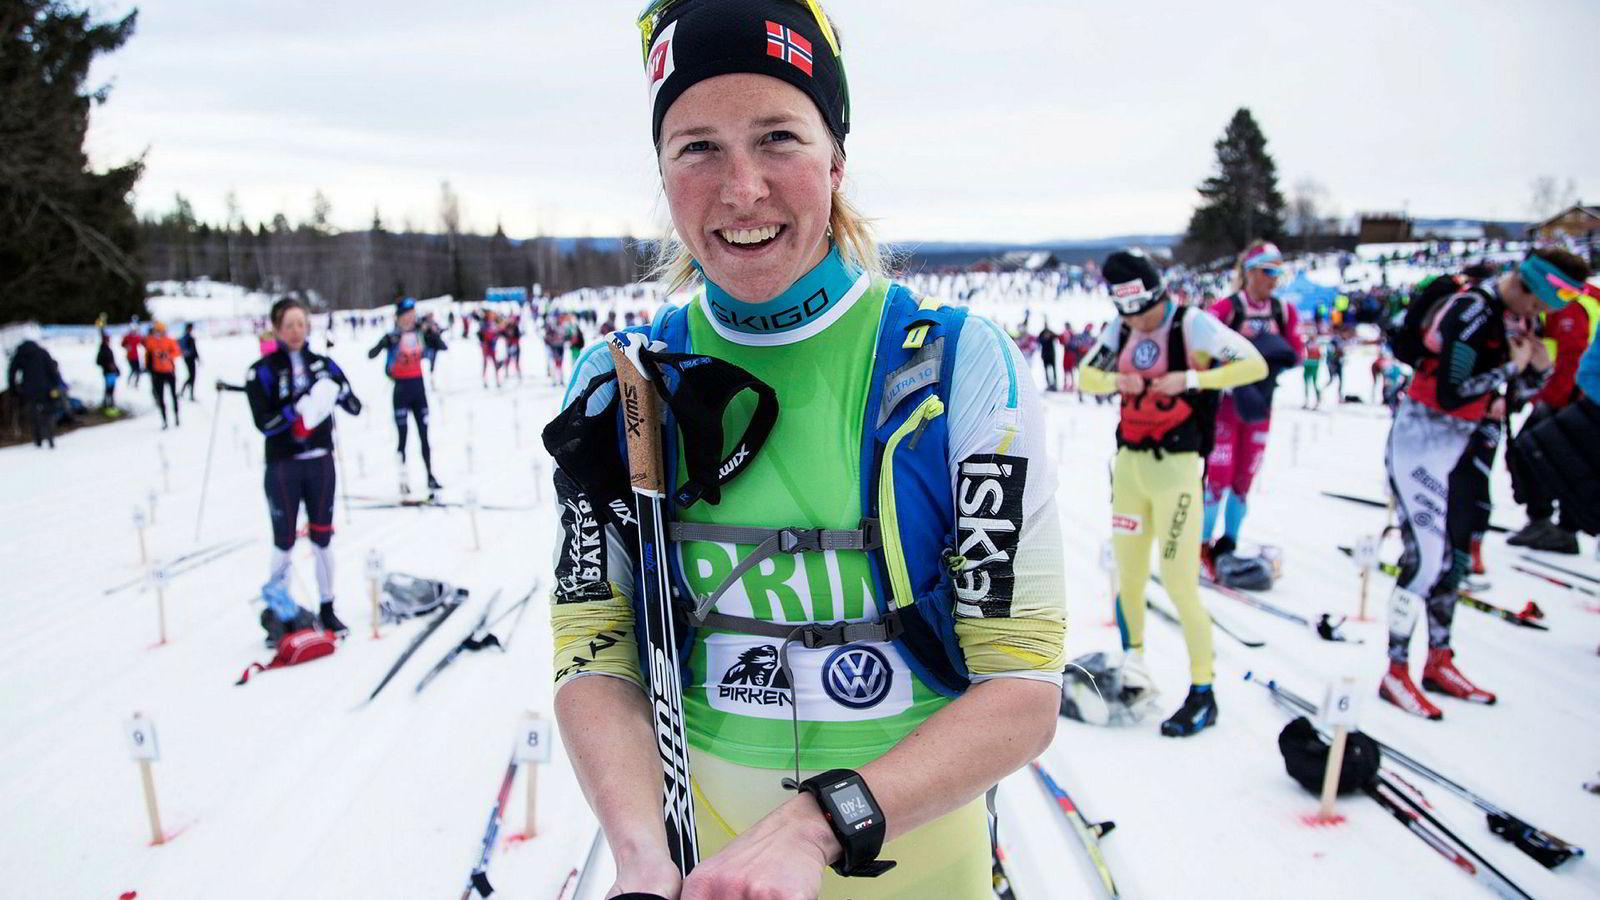 Astrid Øyre Slind (30) satser aktivt i langløpscupen Visma Ski Classics og har flere topplasseringer. Her like før start i Birken i 2017.